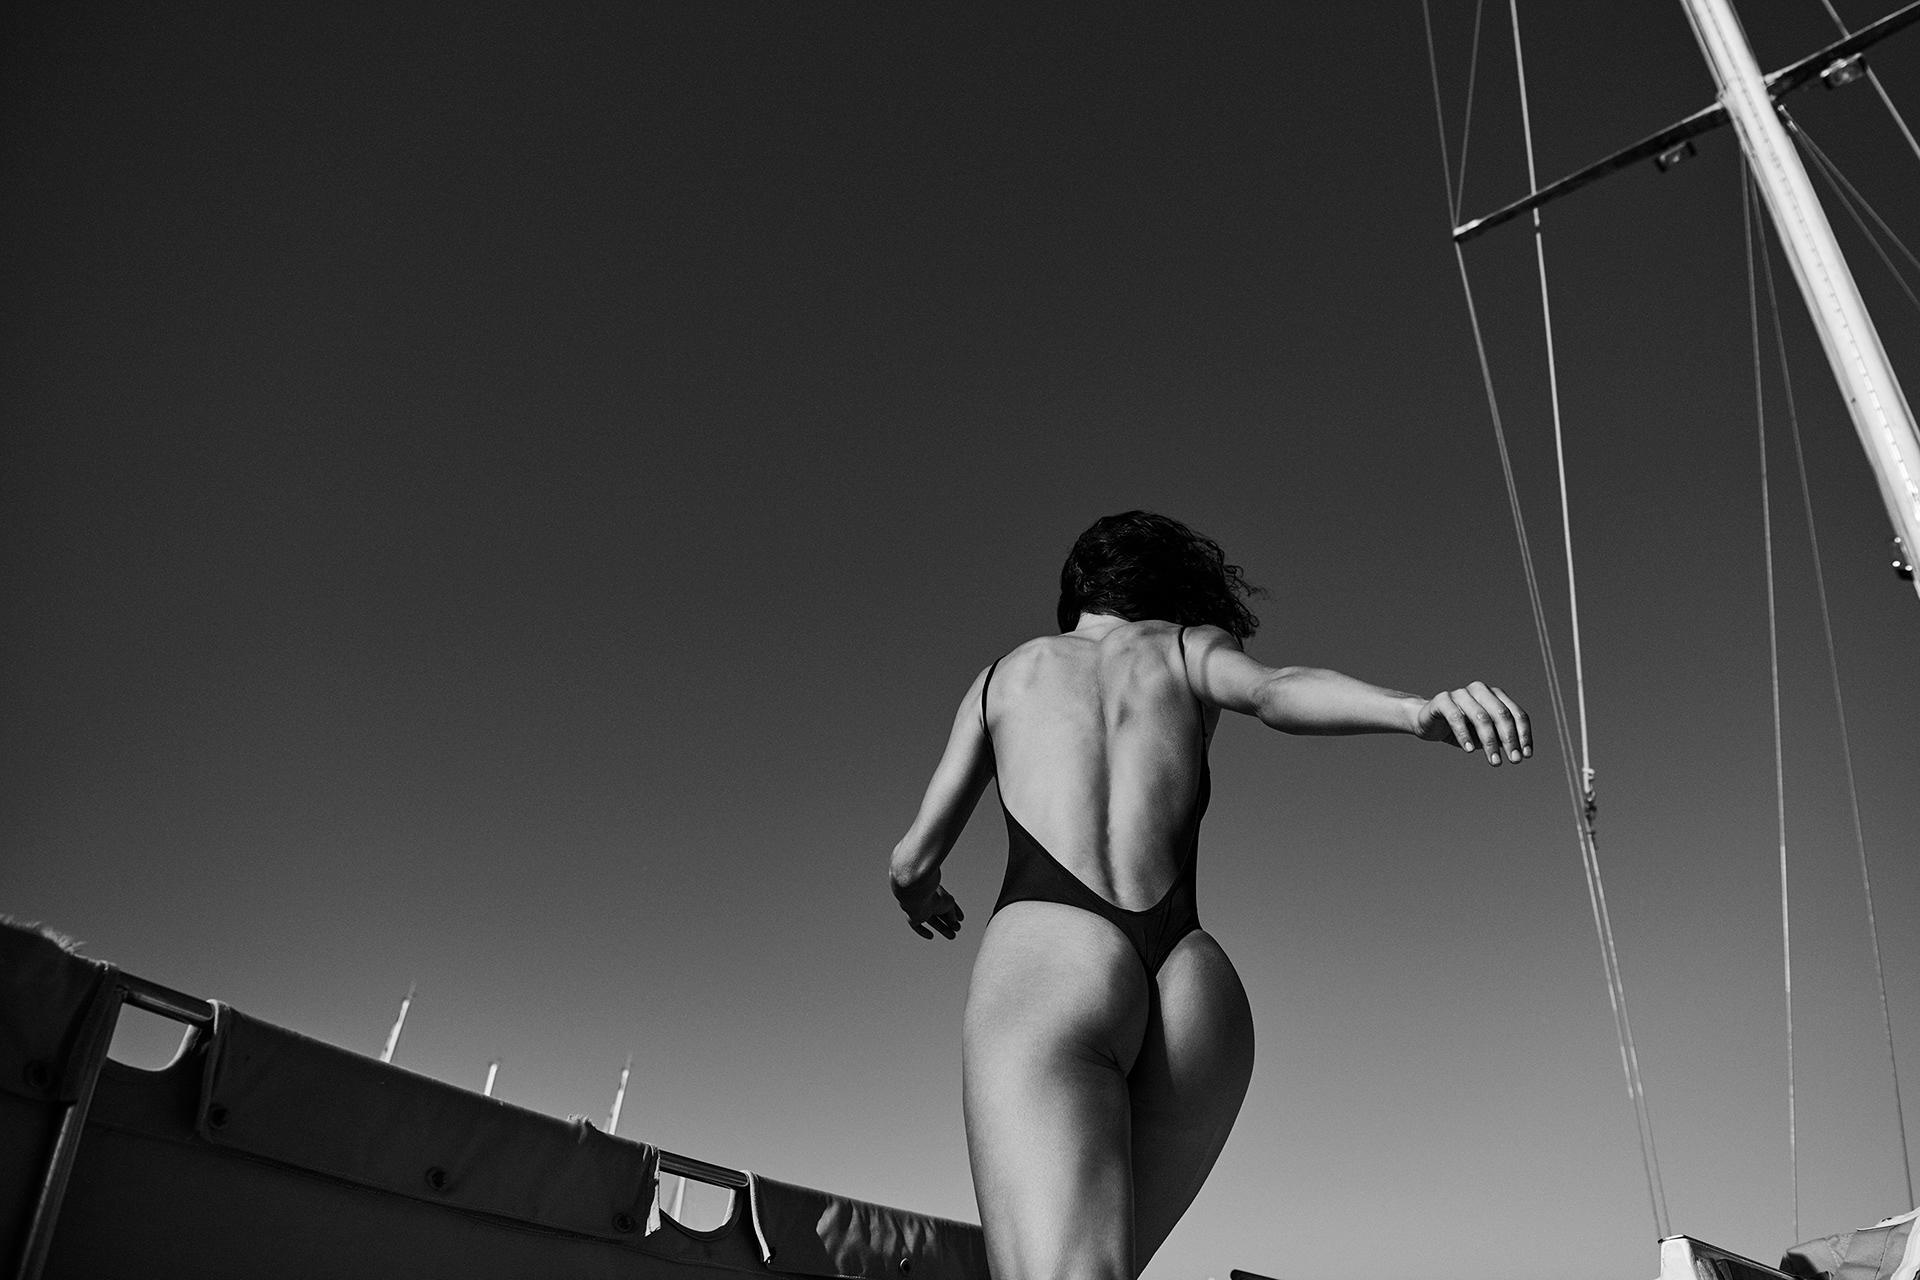 Del marina rey stripper